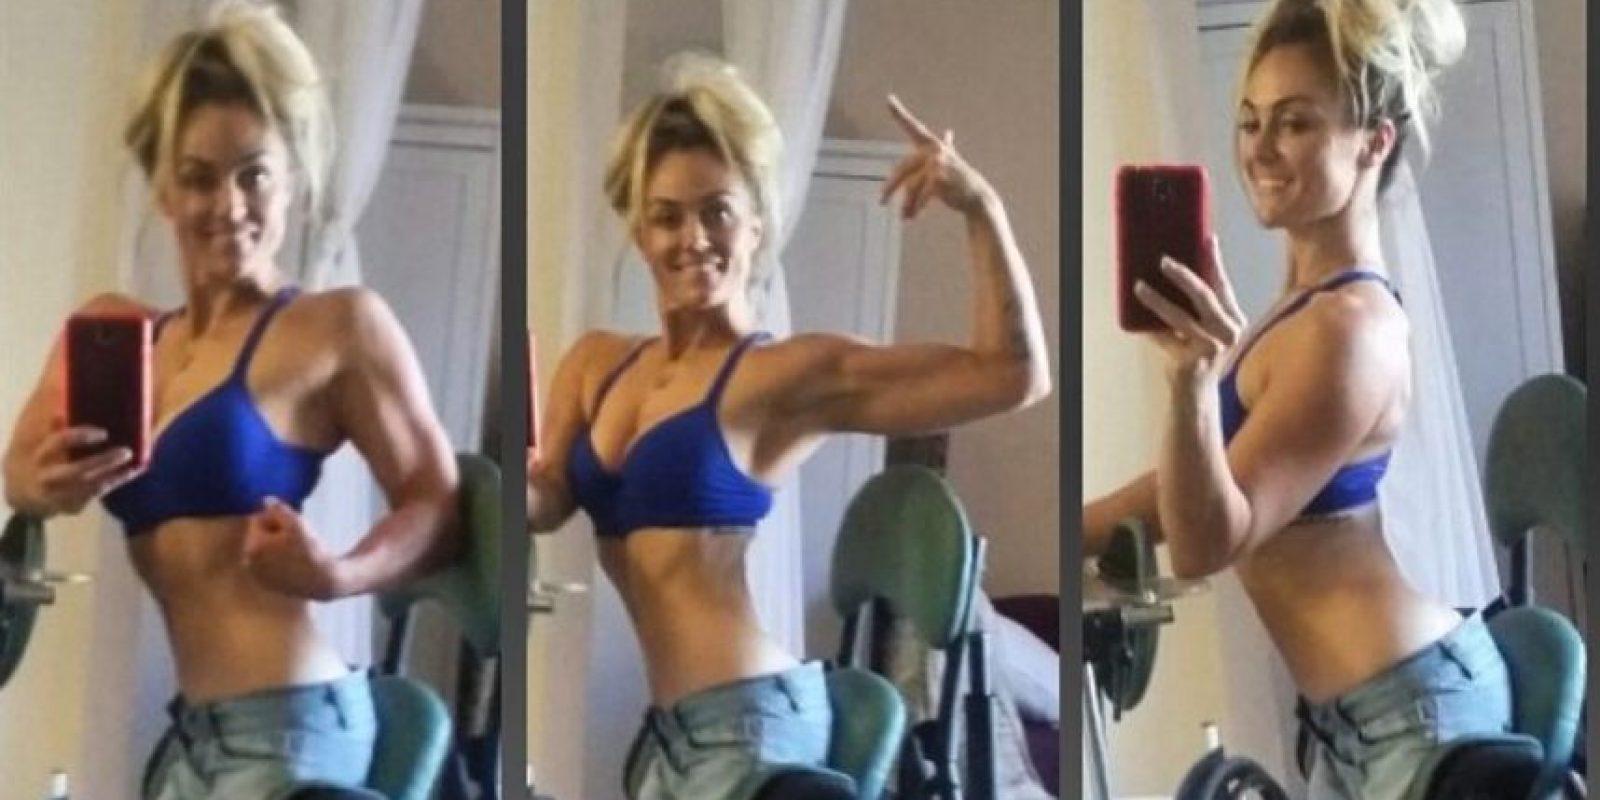 Tiene 32 años Foto:Vía instagram.com/tiphanyadams